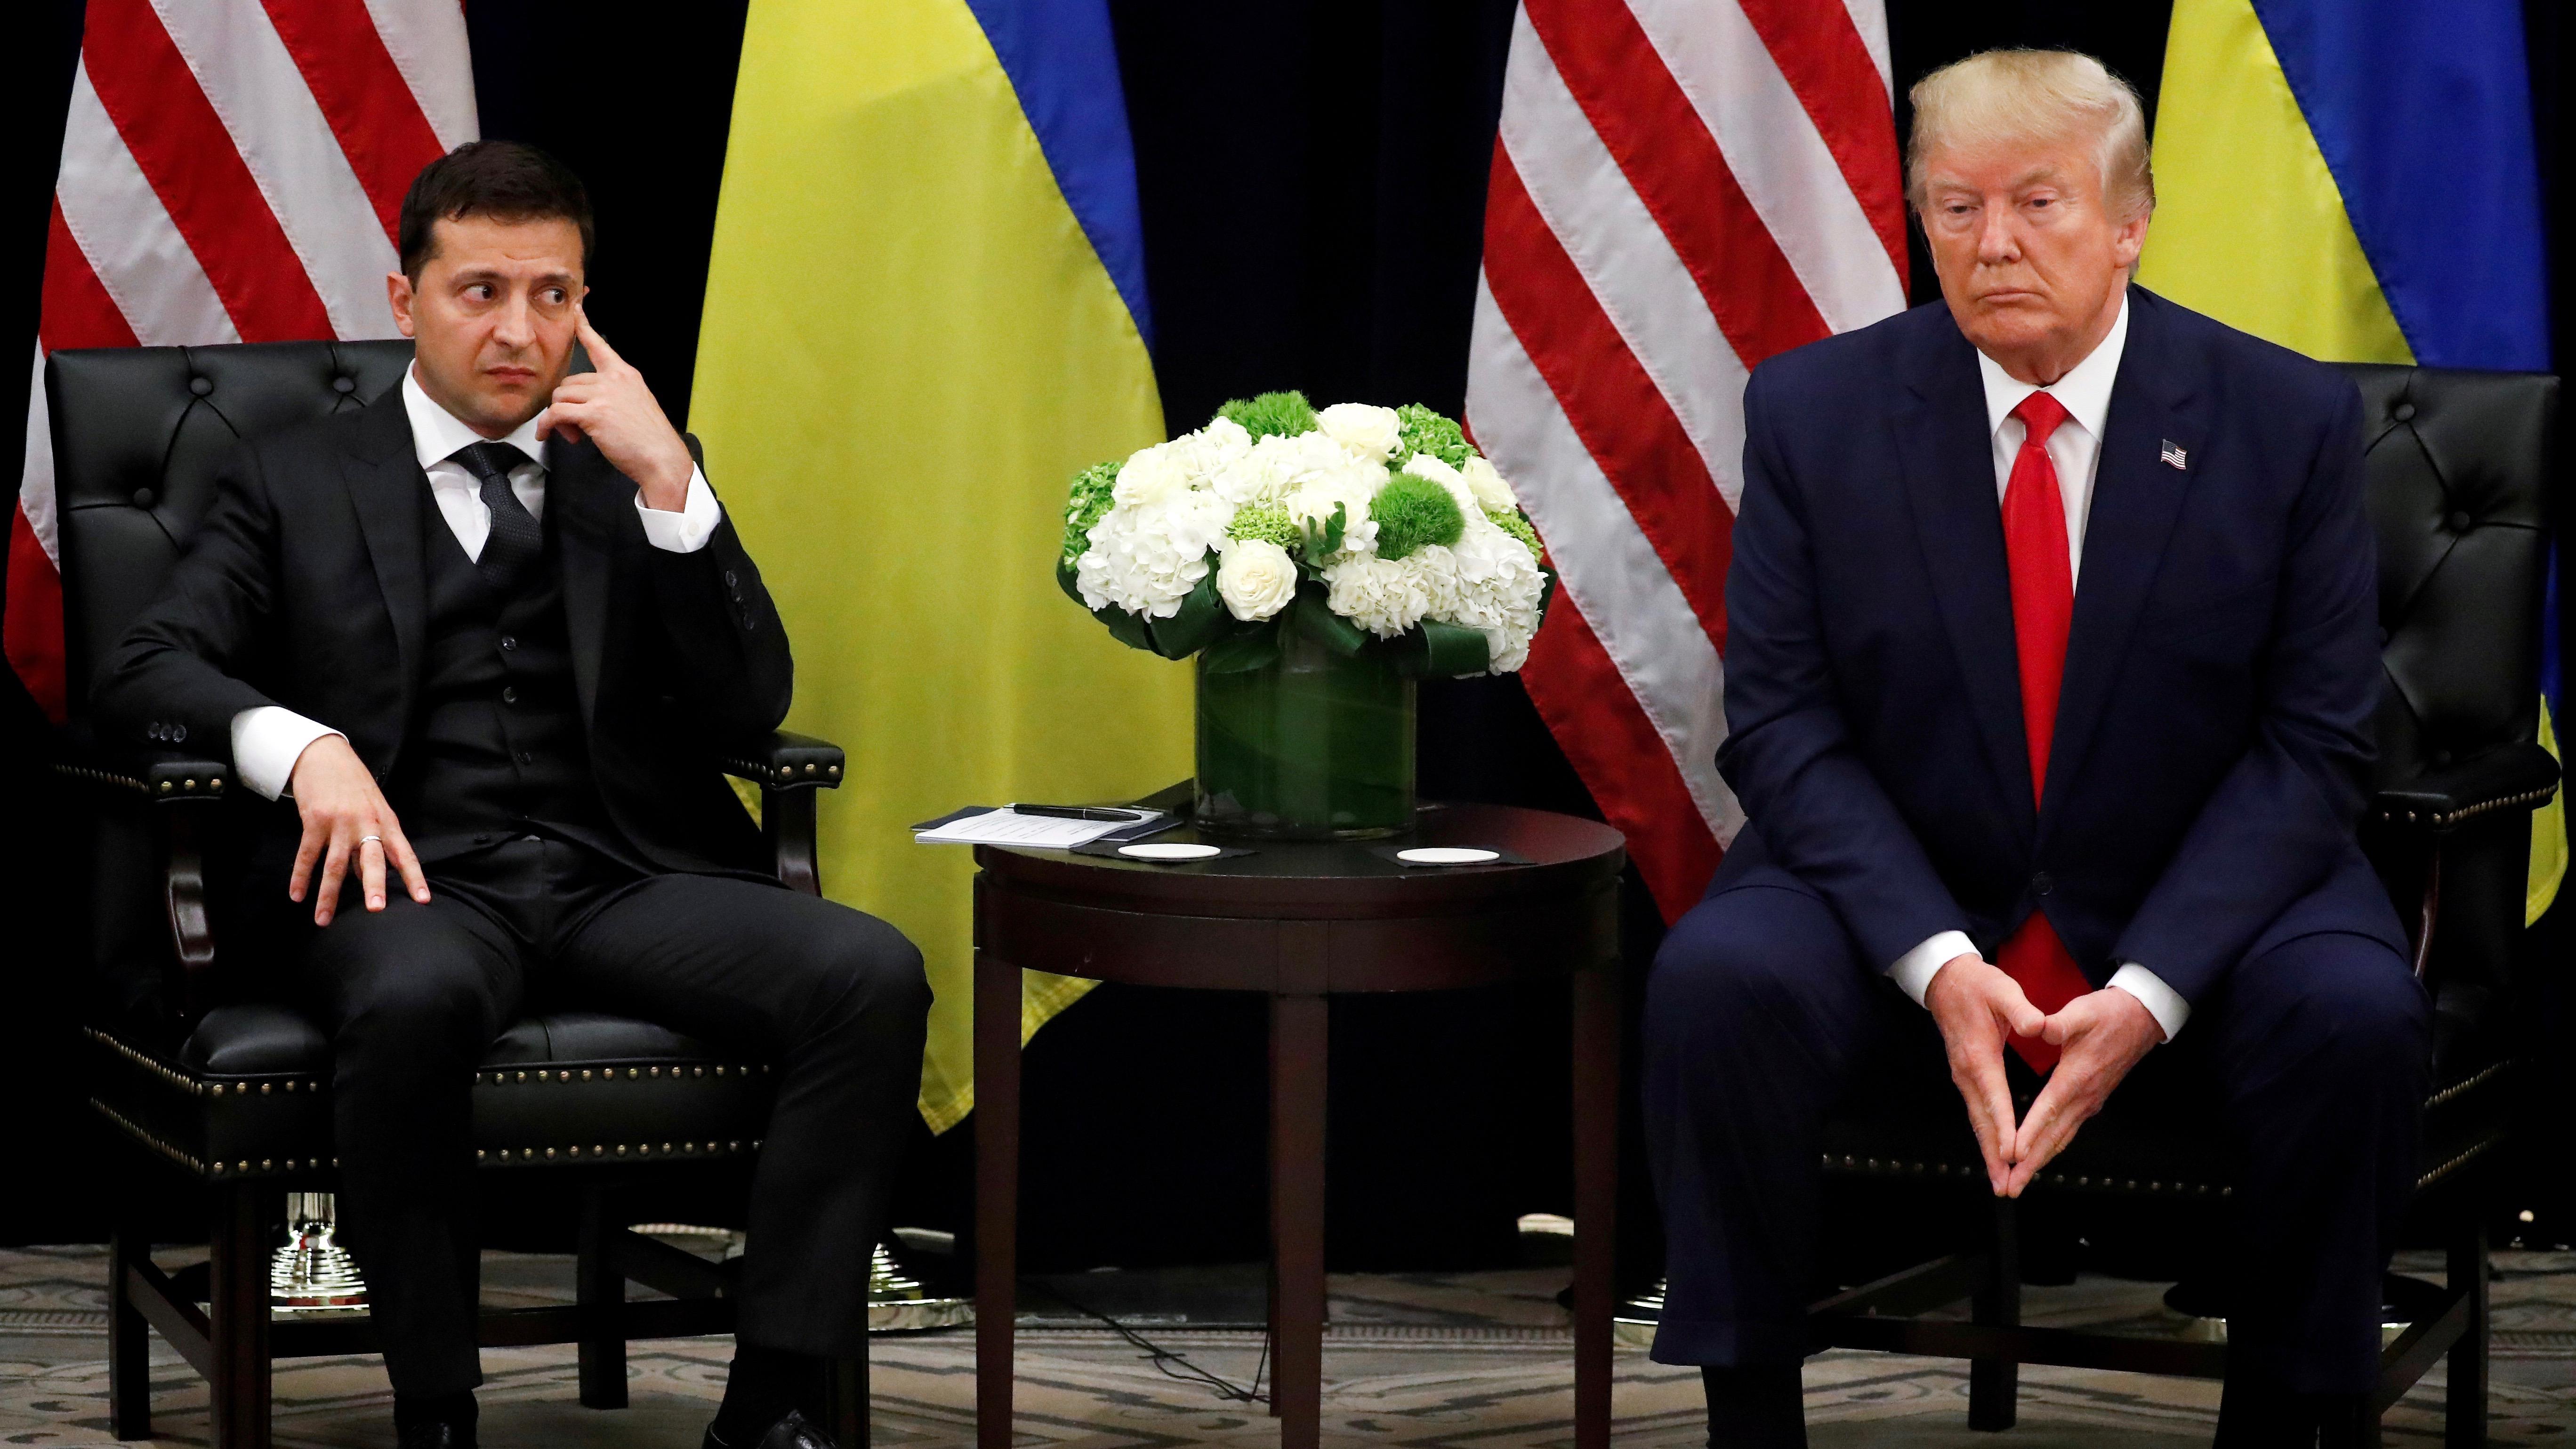 Zelensky and Trump looking glum.